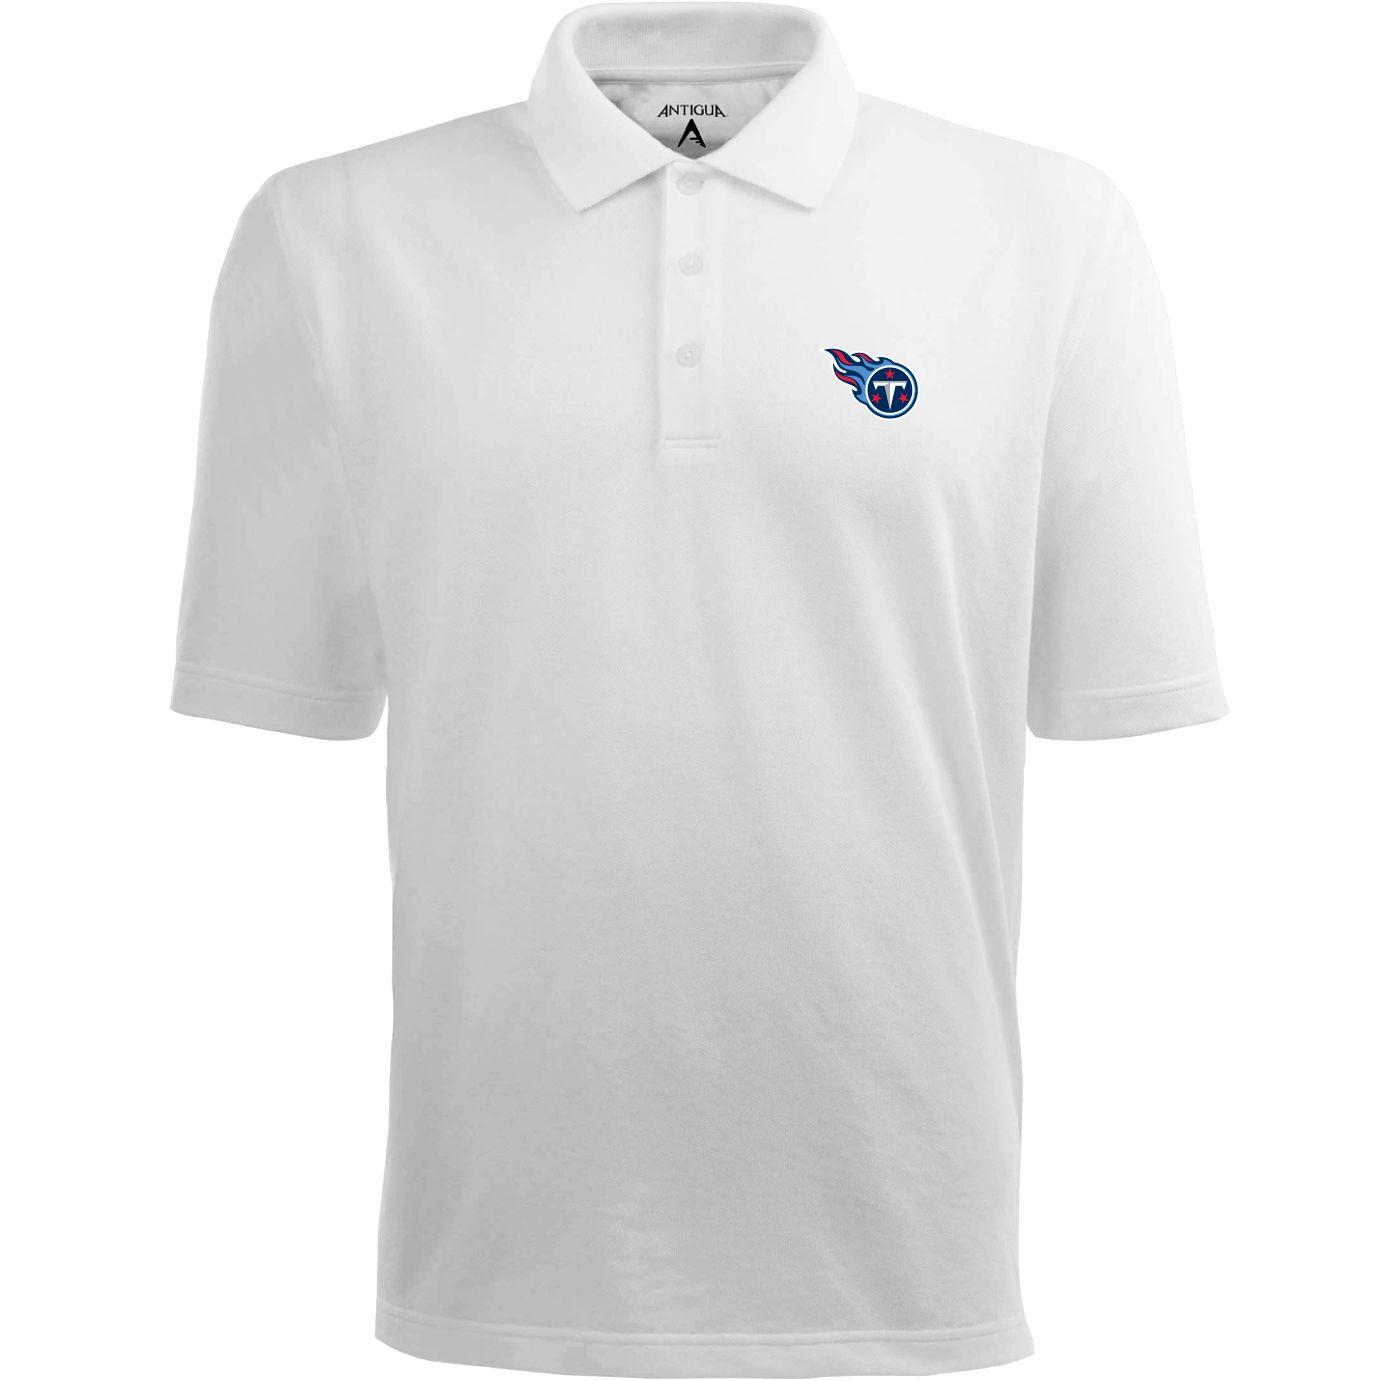 Antigua Men's Tennessee Titans Pique Xtra-Lite White Polo